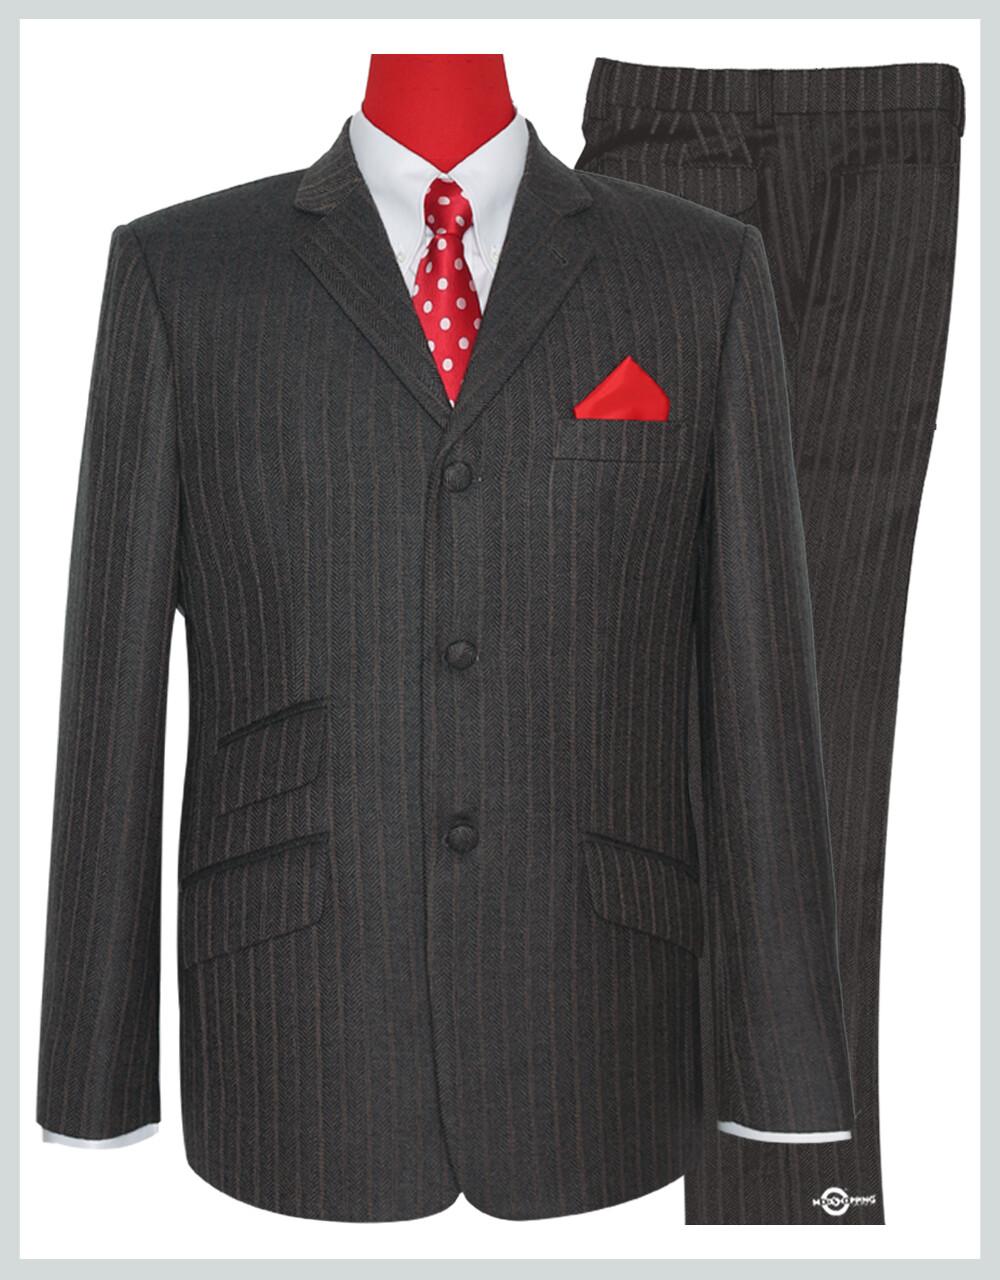 Mod Tweed Suit   Grey  Herring Bone Suit